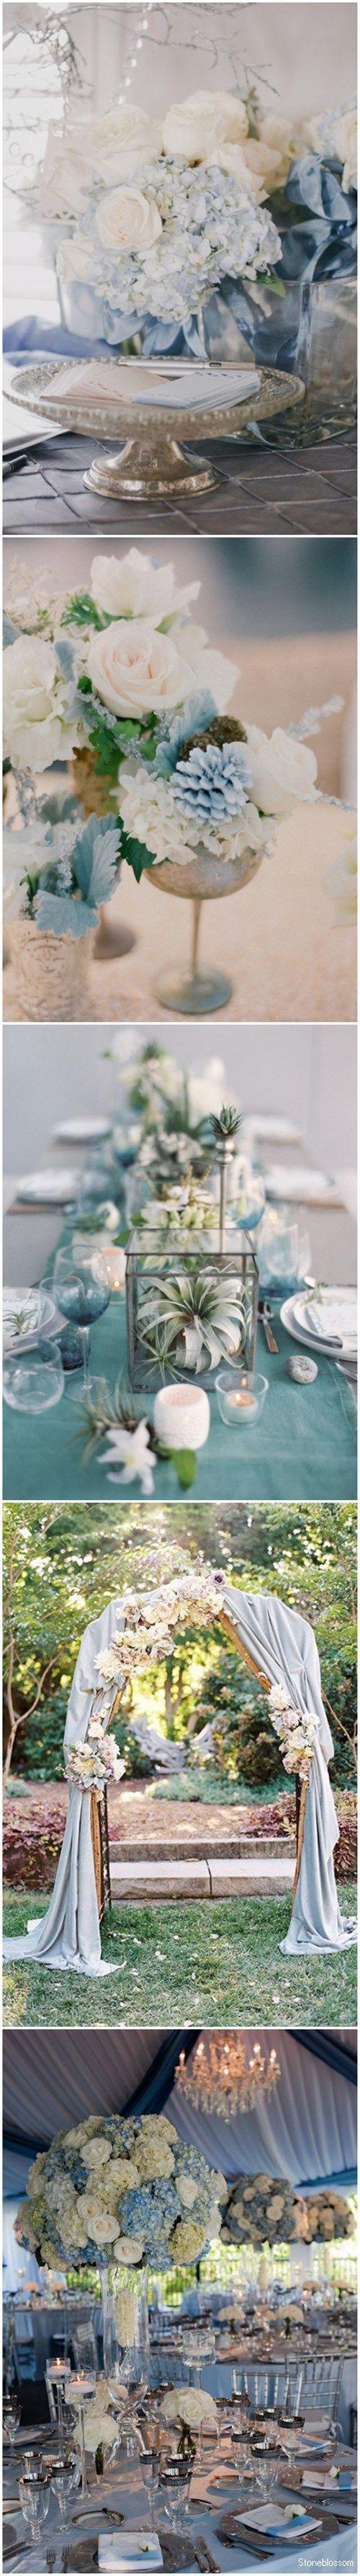 dusty blue wedding ideas -  dusty blue Wedding Decorations